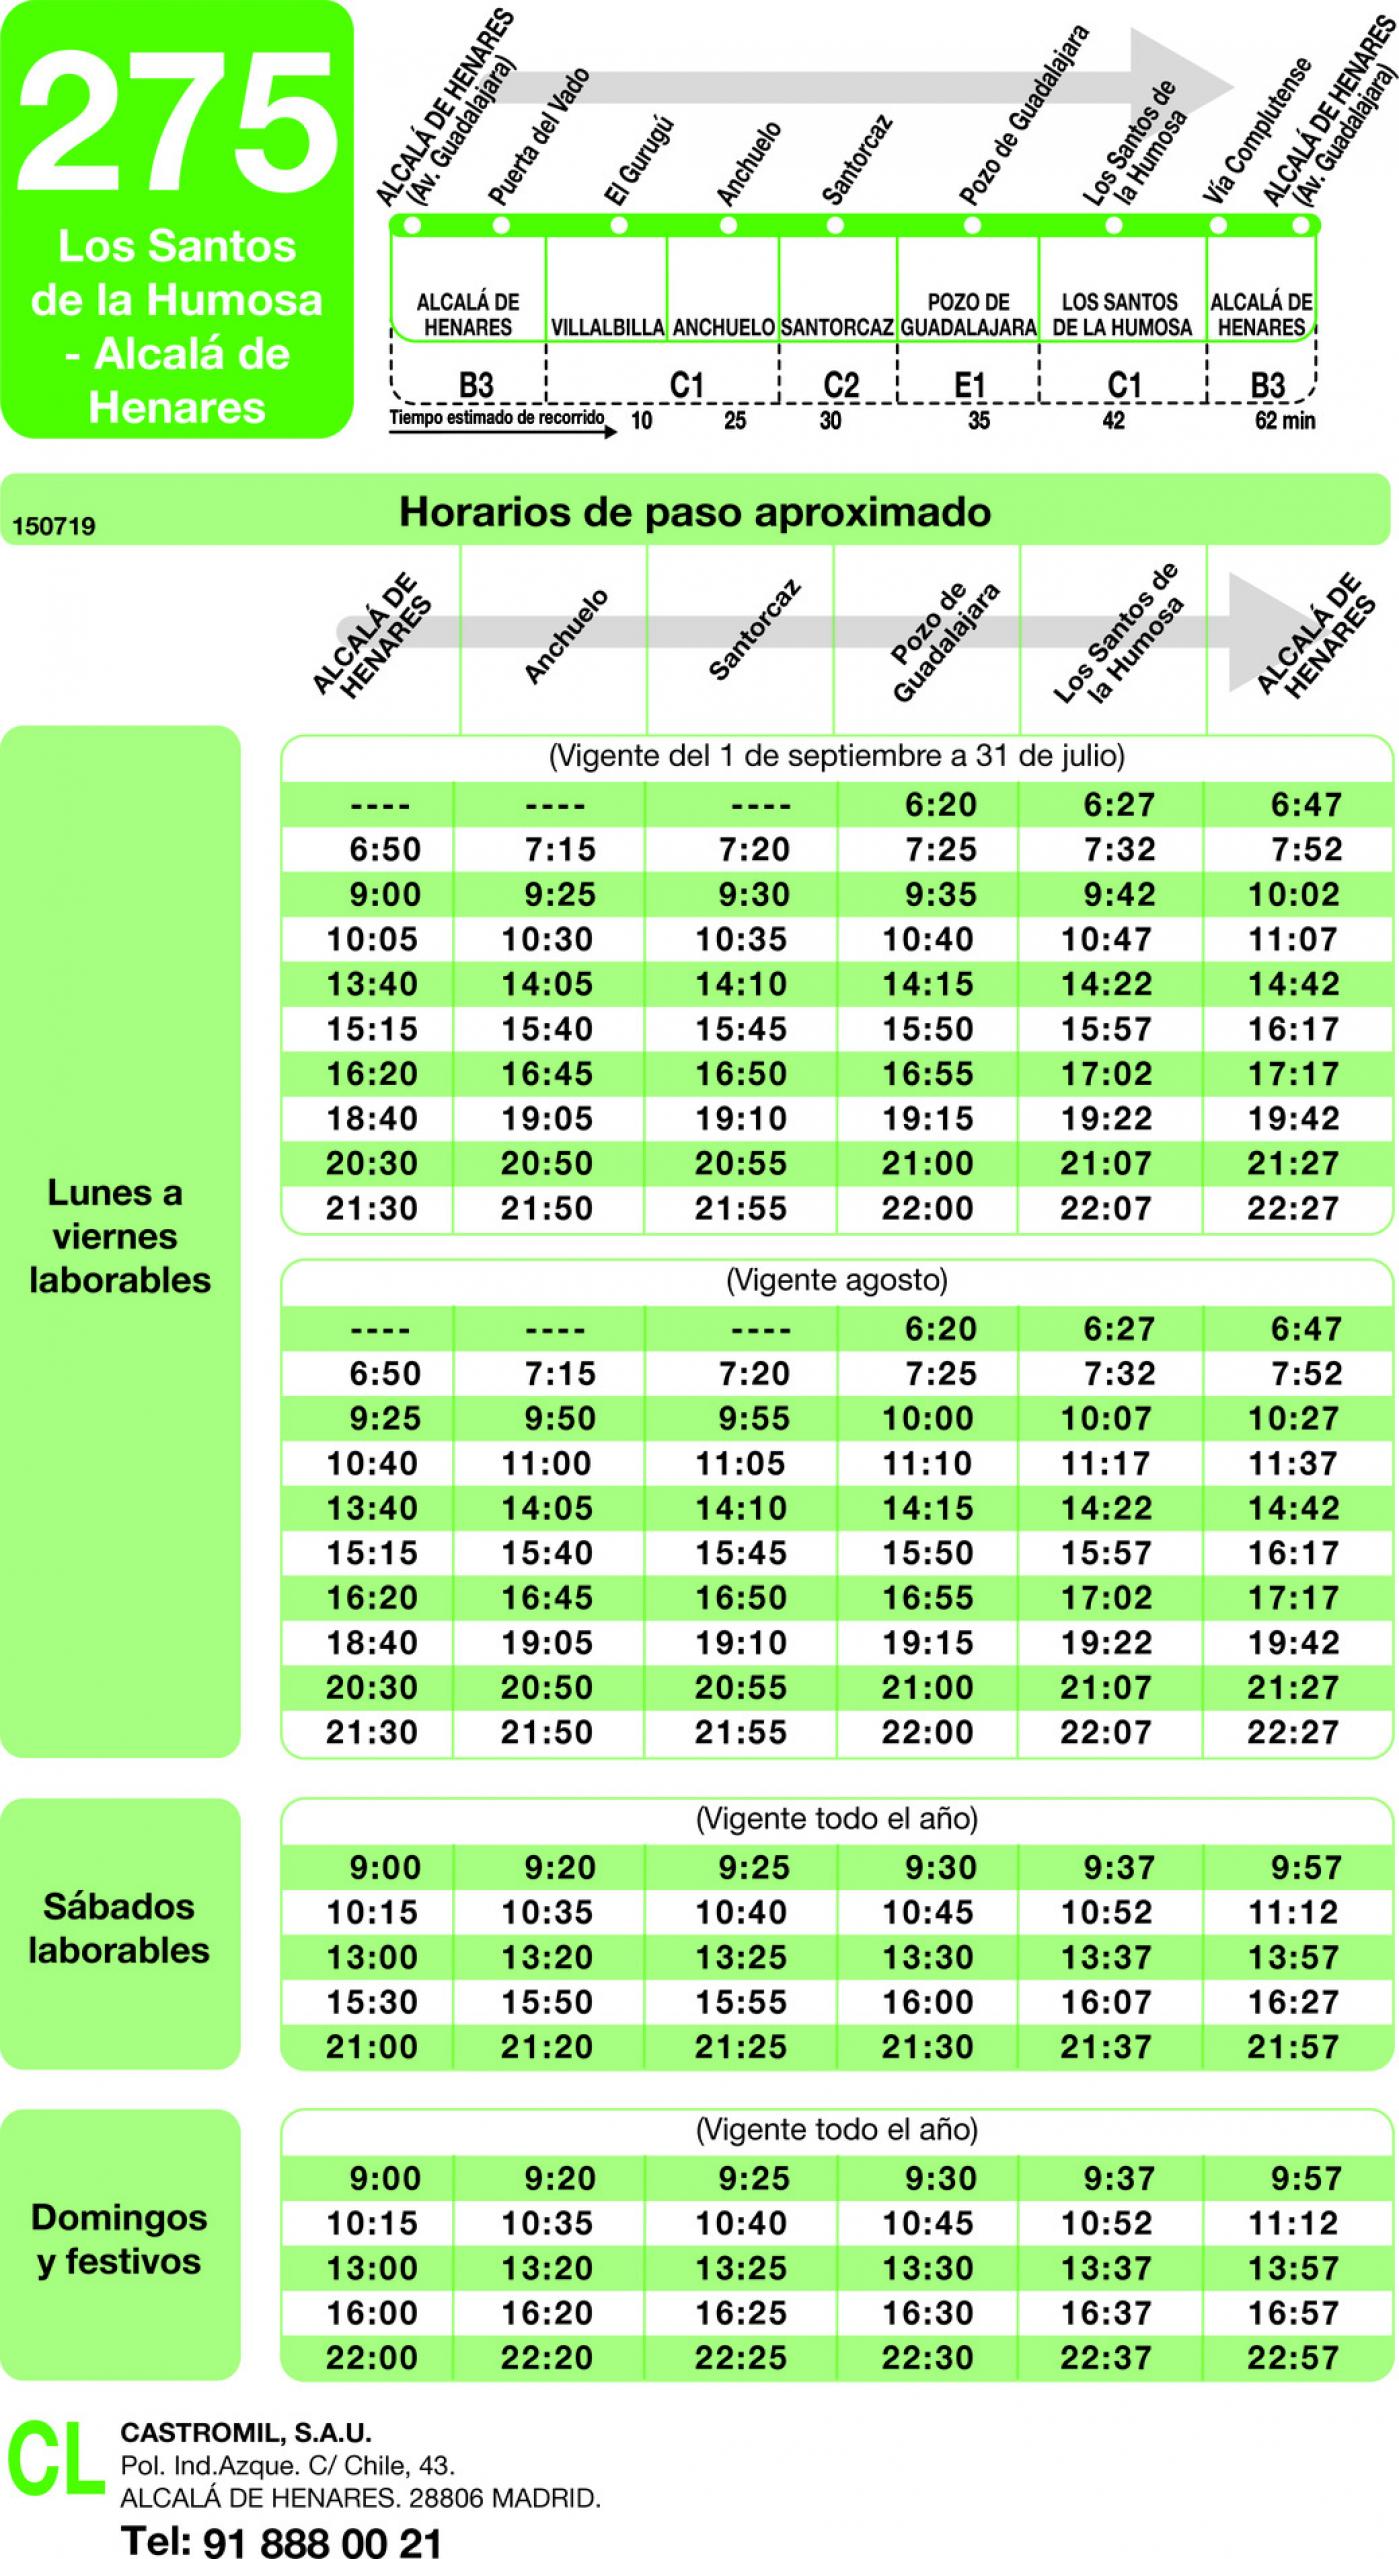 Tabla de horarios y frecuencias de paso en sentido ida Línea 275: Alcalá de Henares - Los Santos de la Humosa